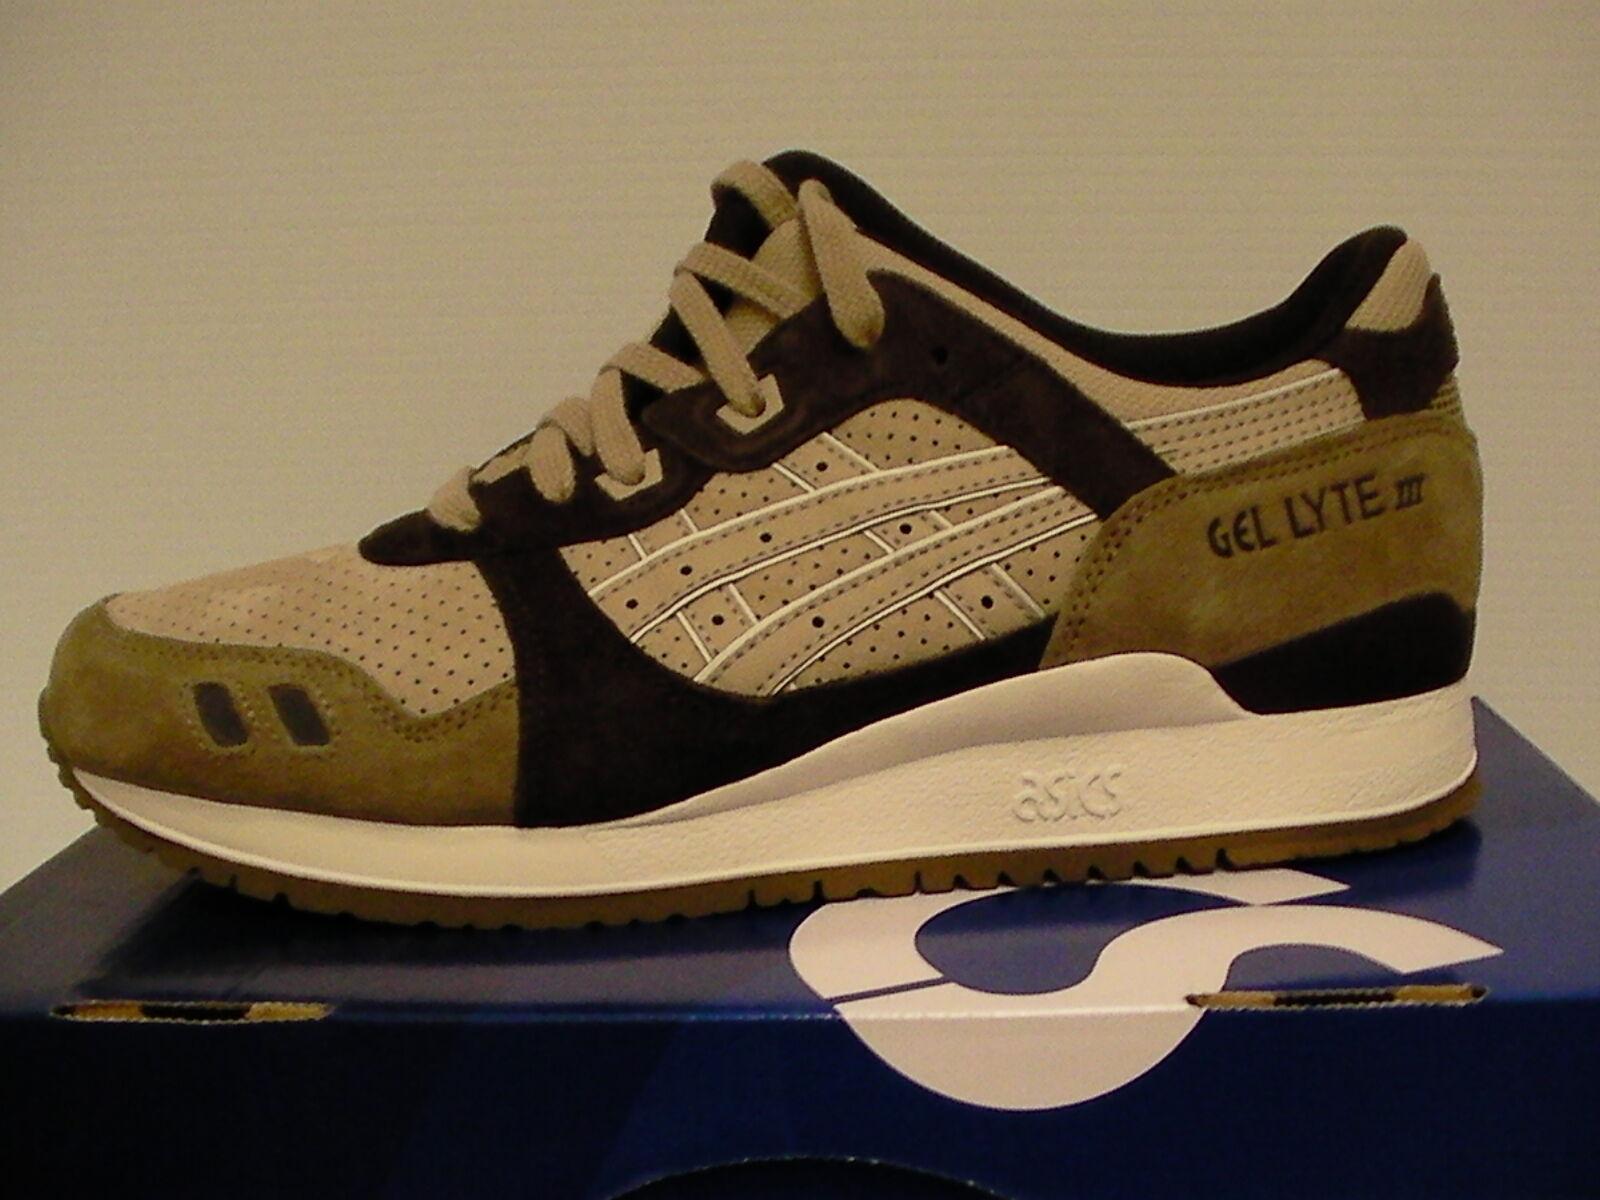 Le scarpe da corsa gel lyte iii dimensioni con 10,5 noi uomini nuovi con dimensioni scatola di sabbia 448e20